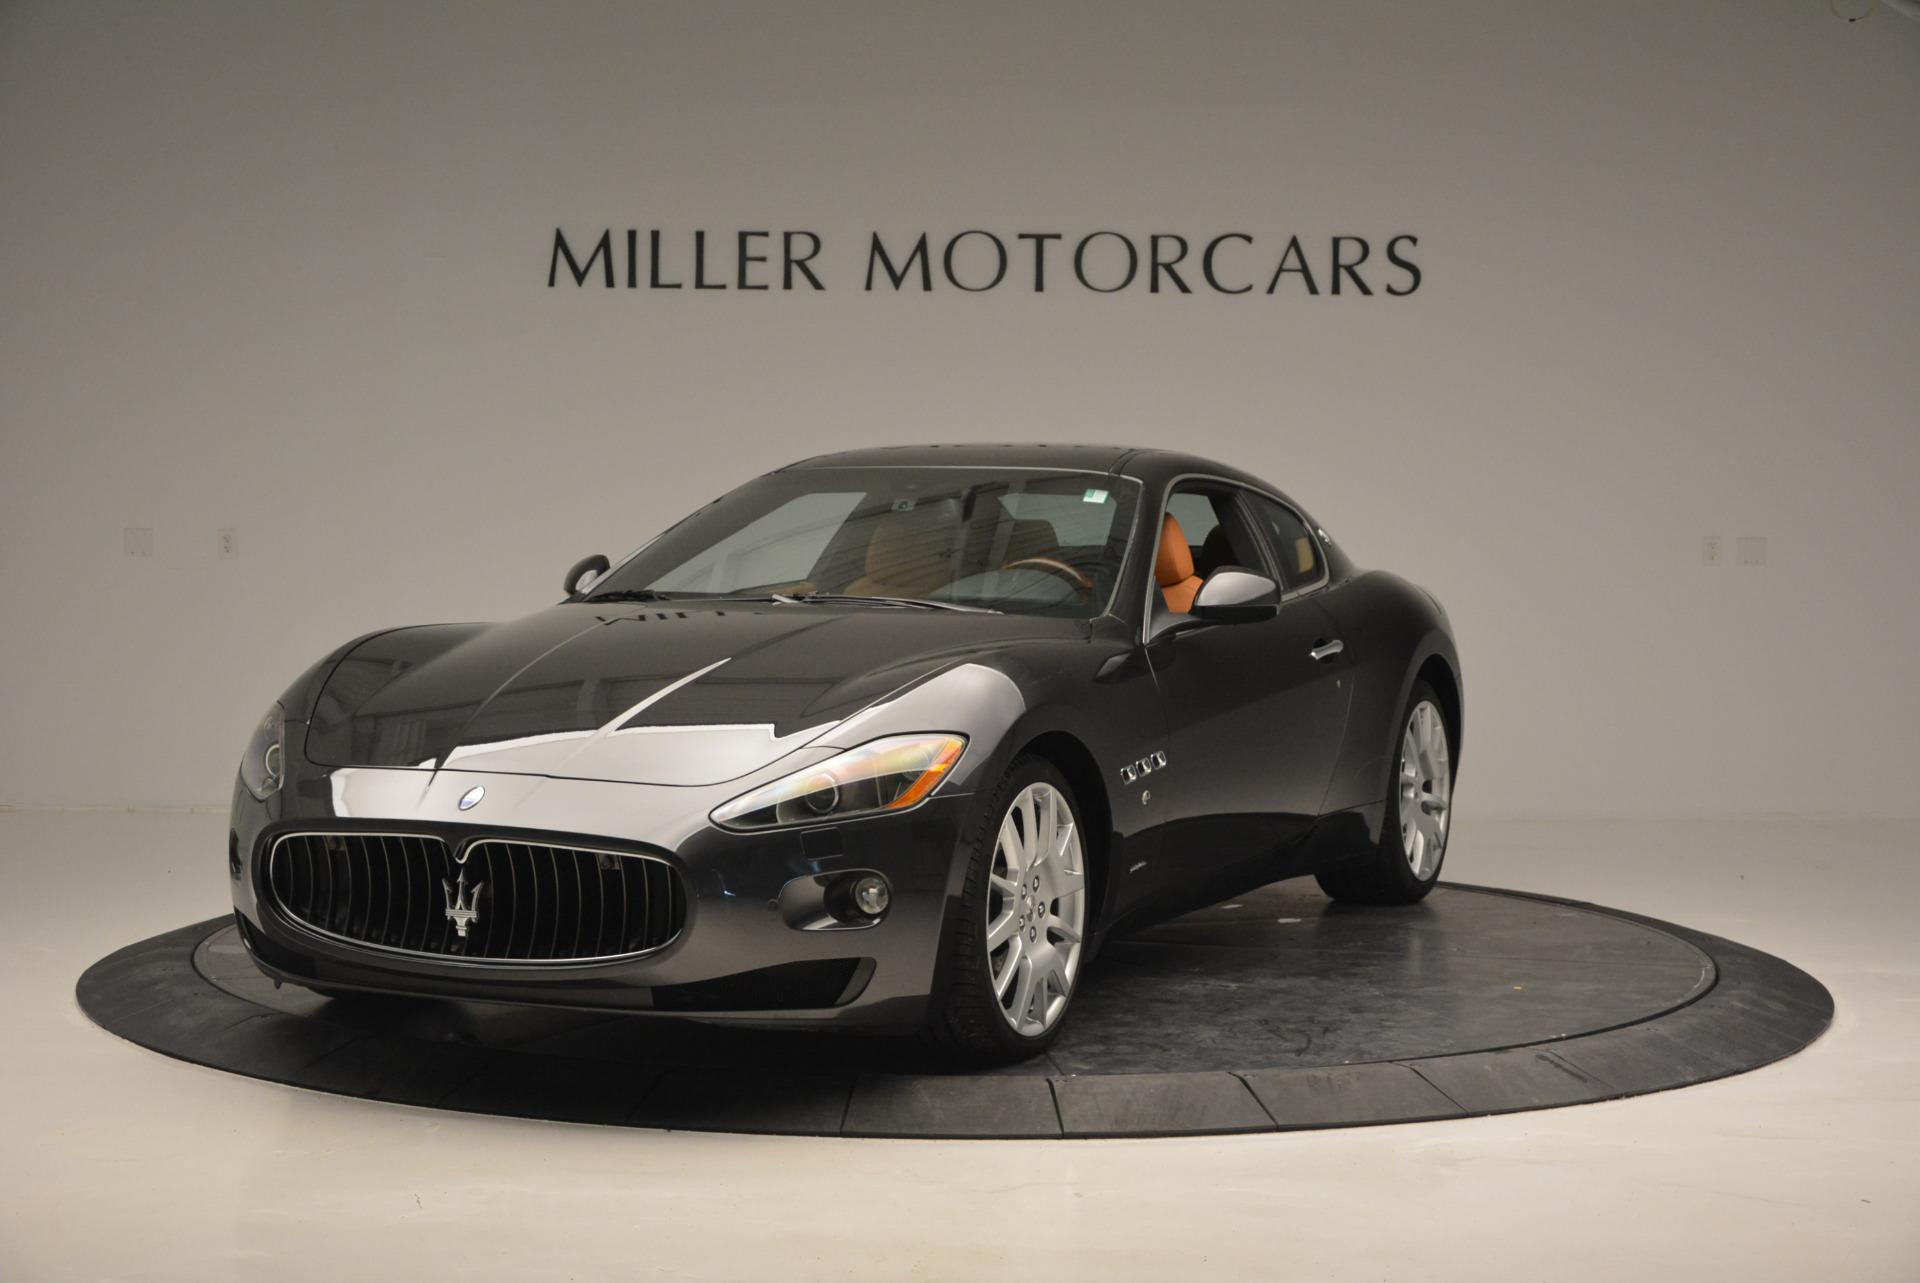 Used 2011 Maserati GranTurismo  For Sale In Greenwich, CT. Alfa Romeo of Greenwich, 7128 816_main